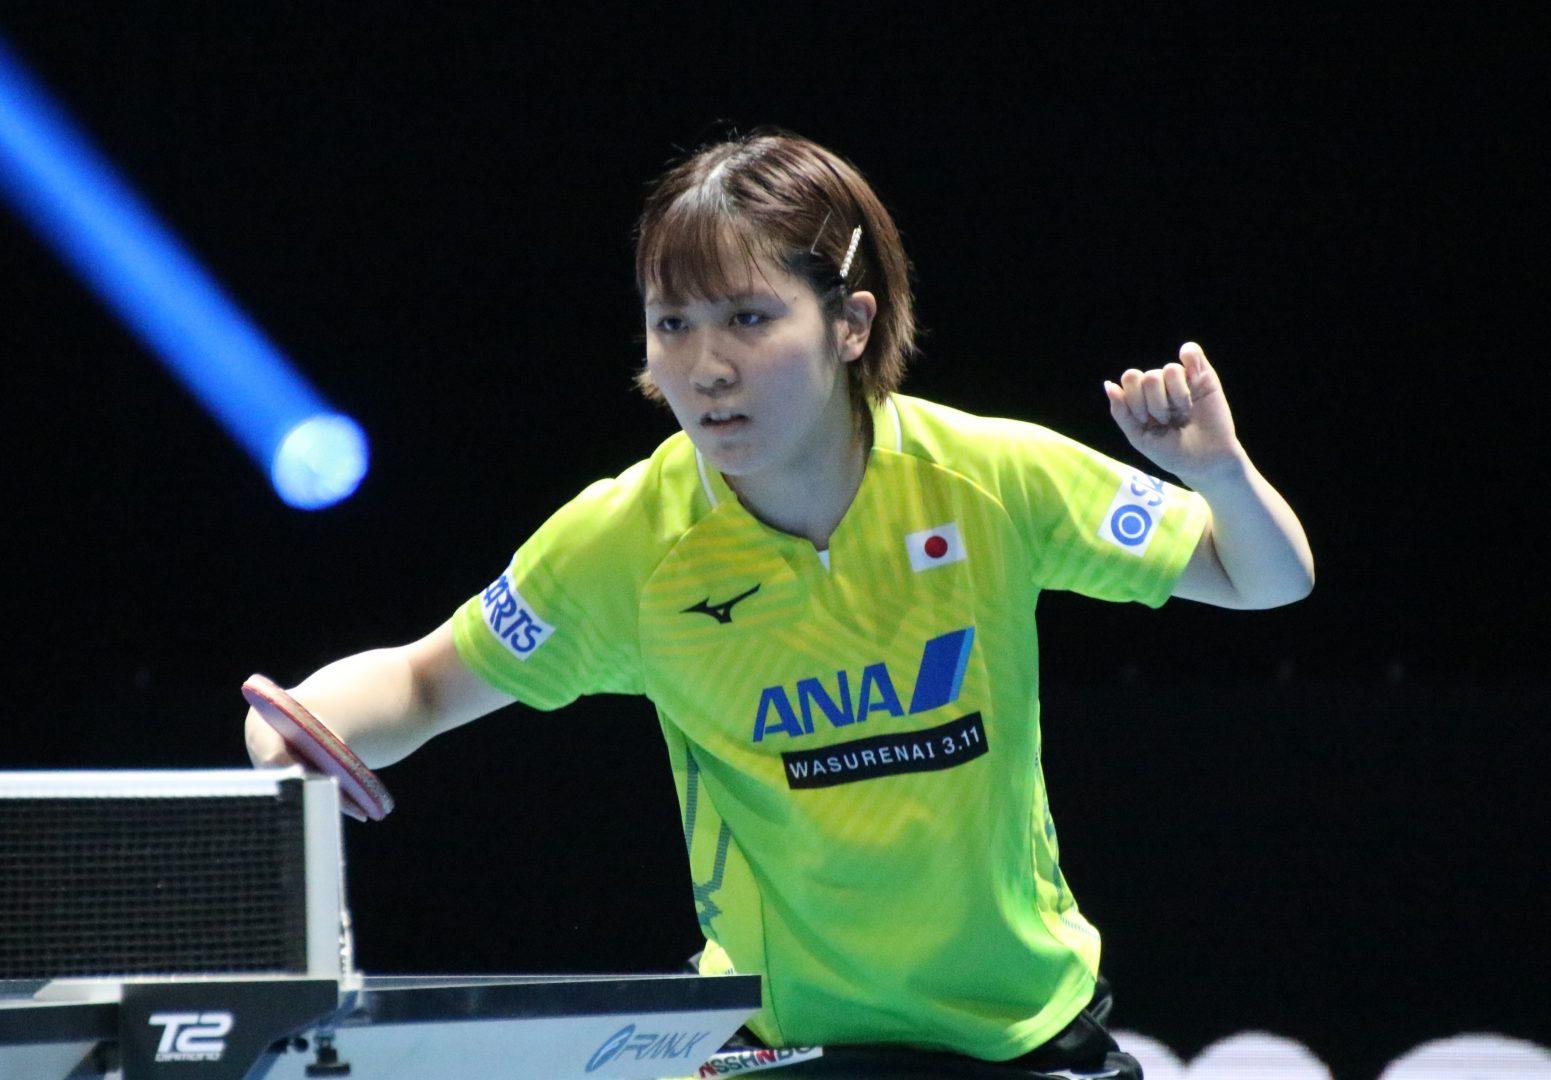 平野美宇「チームに貢献できるように精一杯頑張ります」 卓球東京五輪代表女子3人目に選出